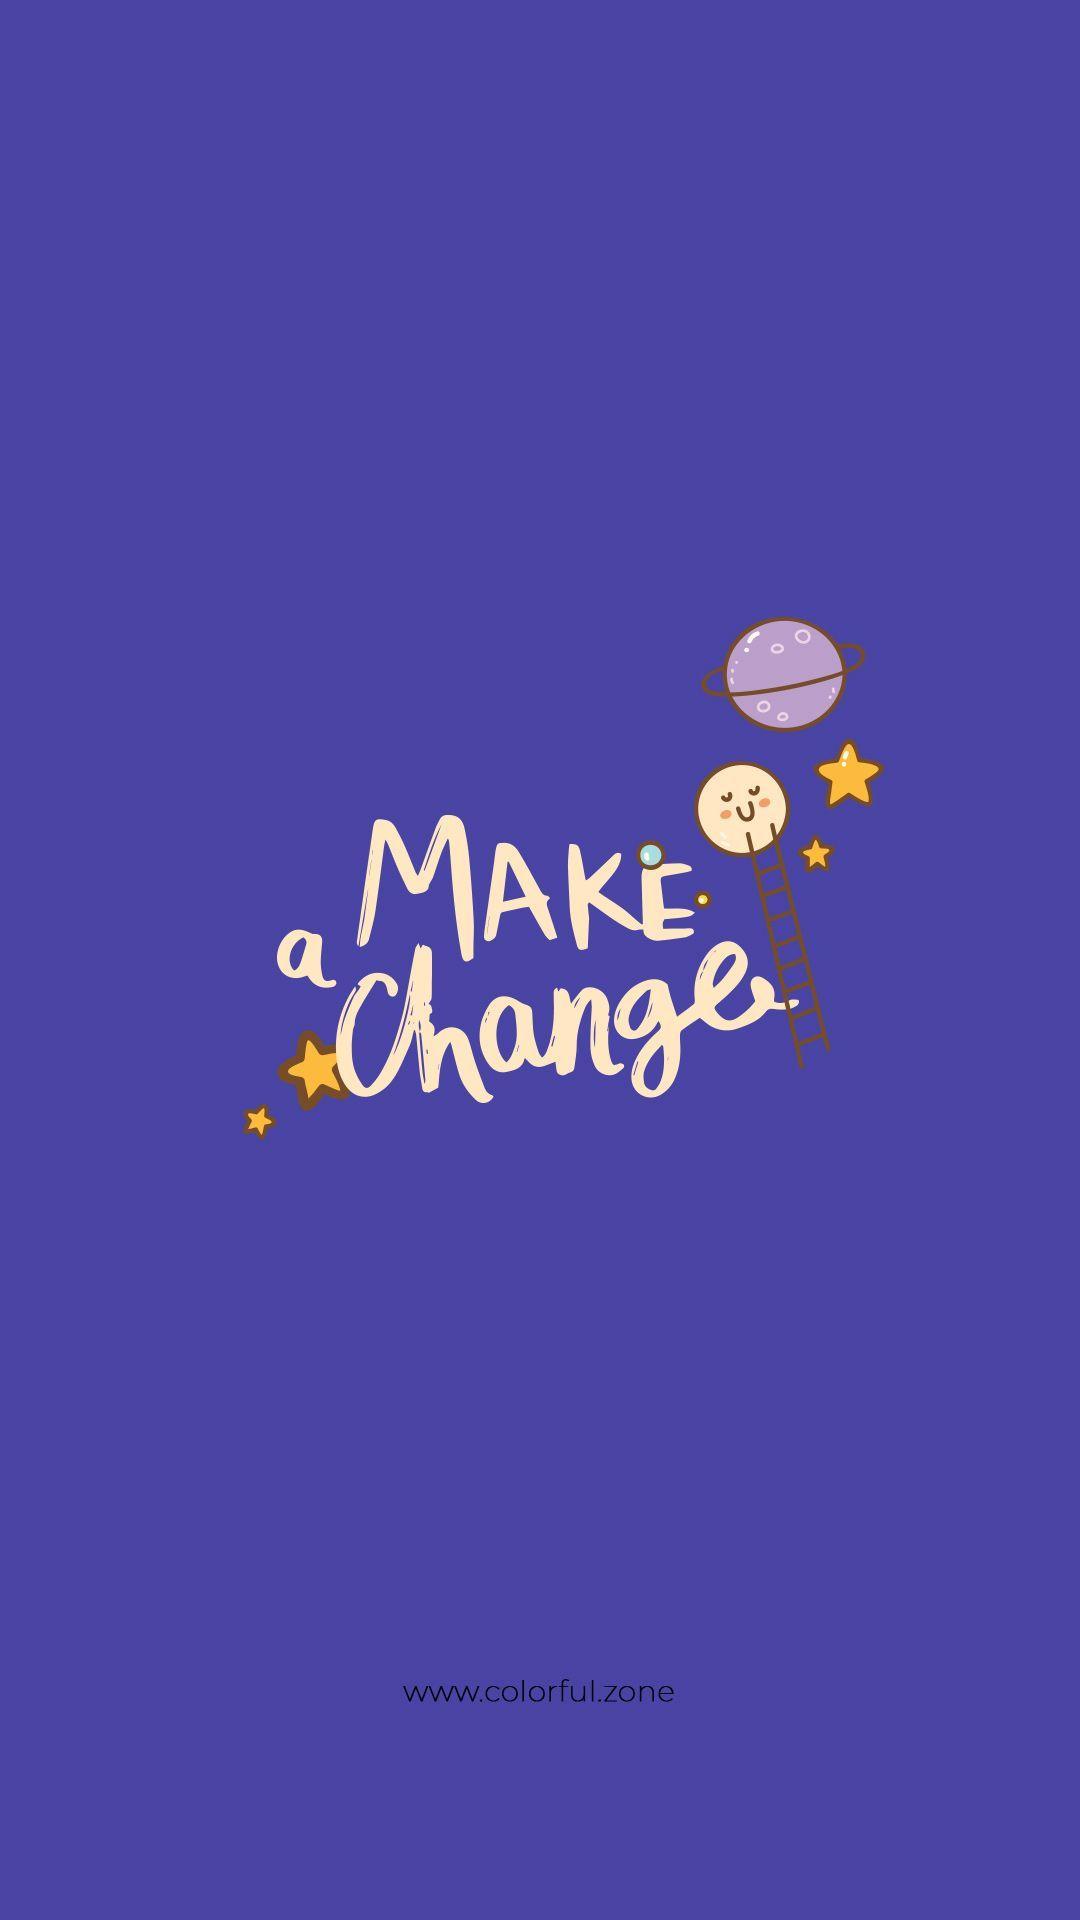 Pin Oleh Anih Armani Di Ahooo Di 2020 Buku Remaja Kata Kata Motivasi Kutipan Motivasi